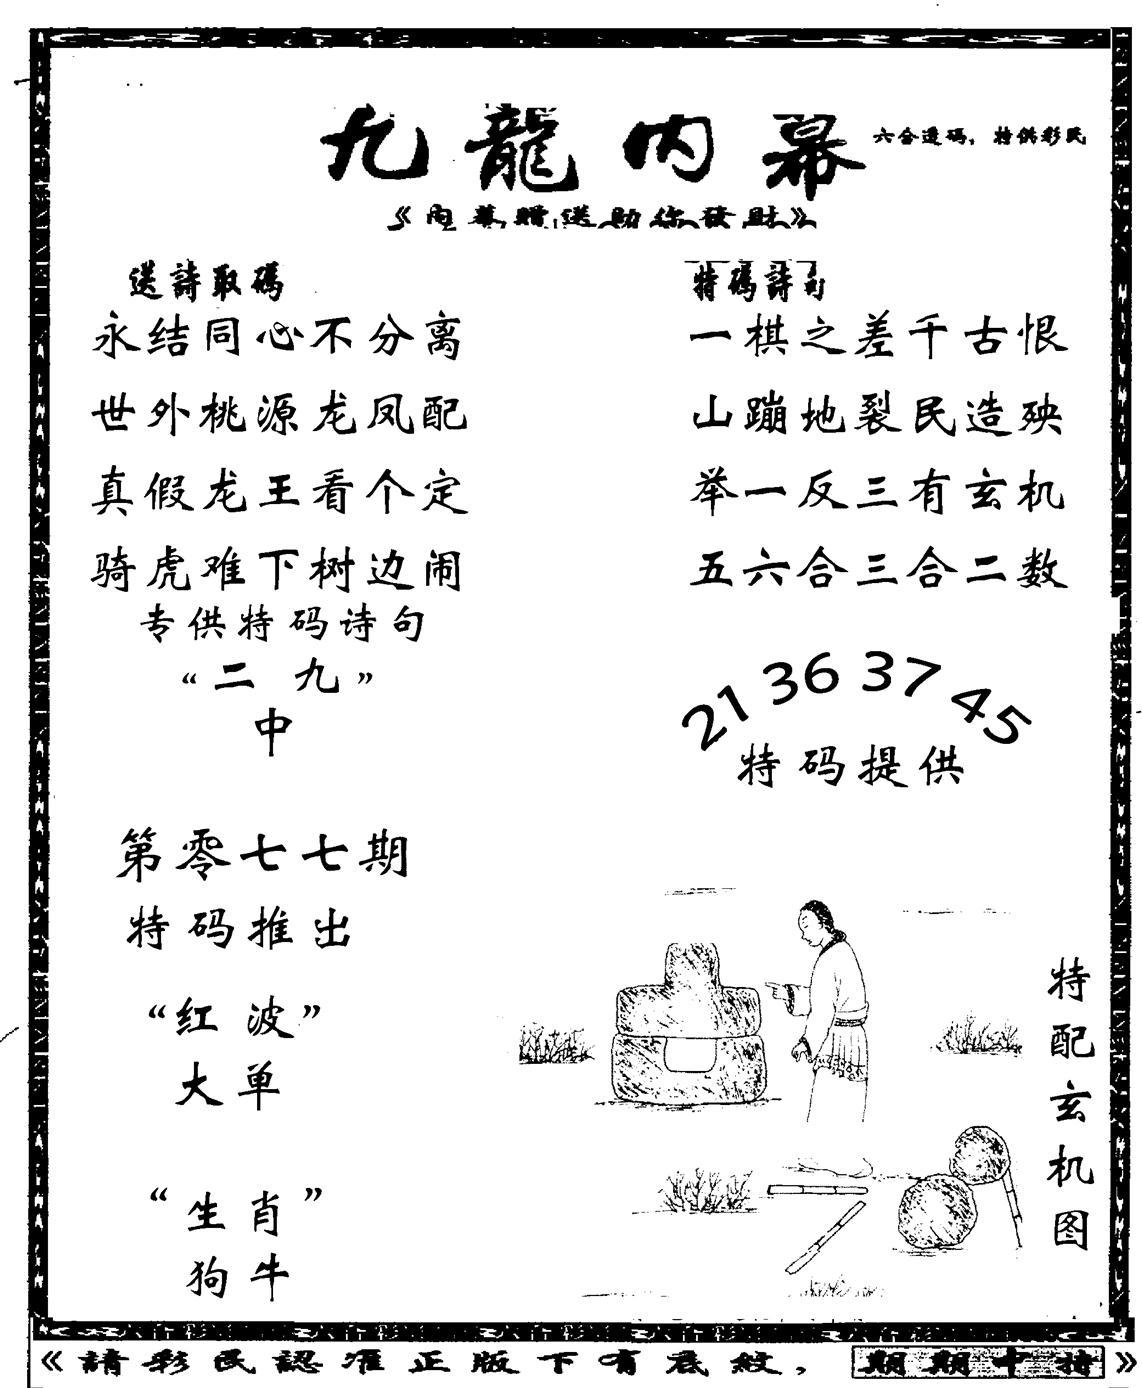 077期老九龙内幕(黑白)